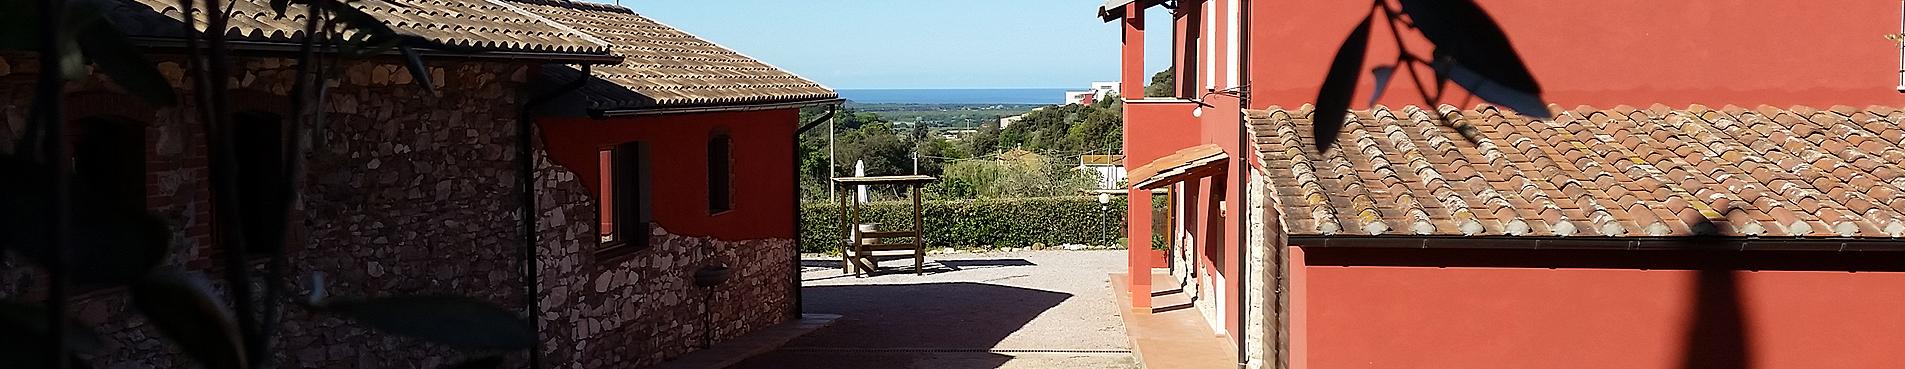 Appartamenti vacanze costa Toscana